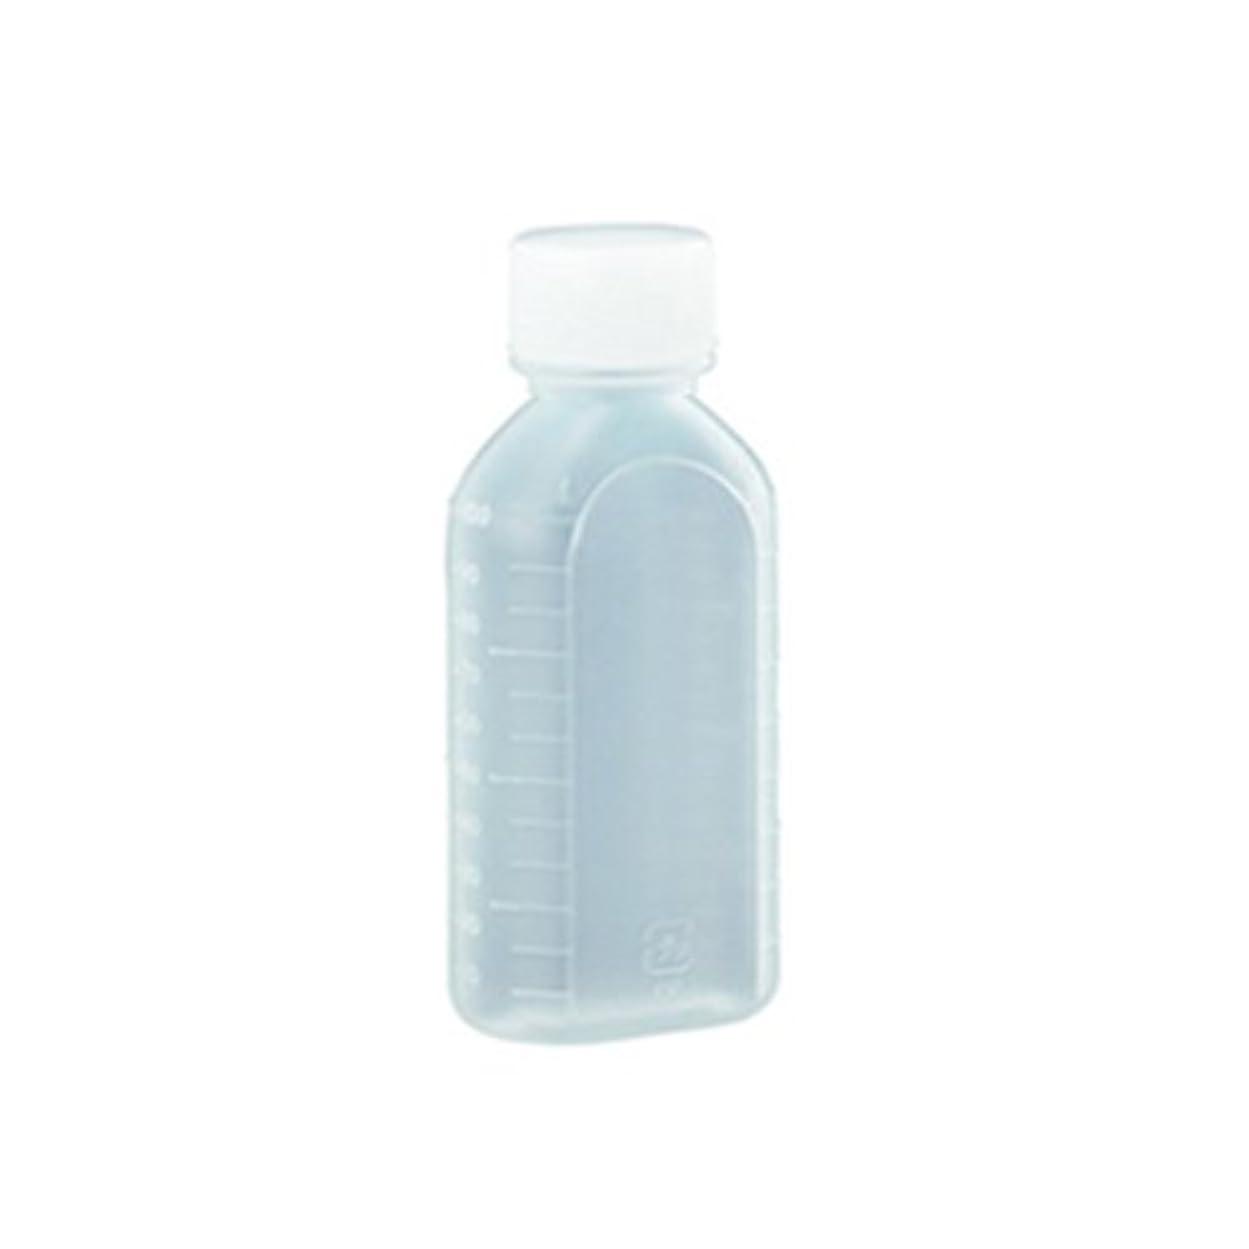 起きているデータムスクラップブックB型投薬瓶 白 (60ml) 1本